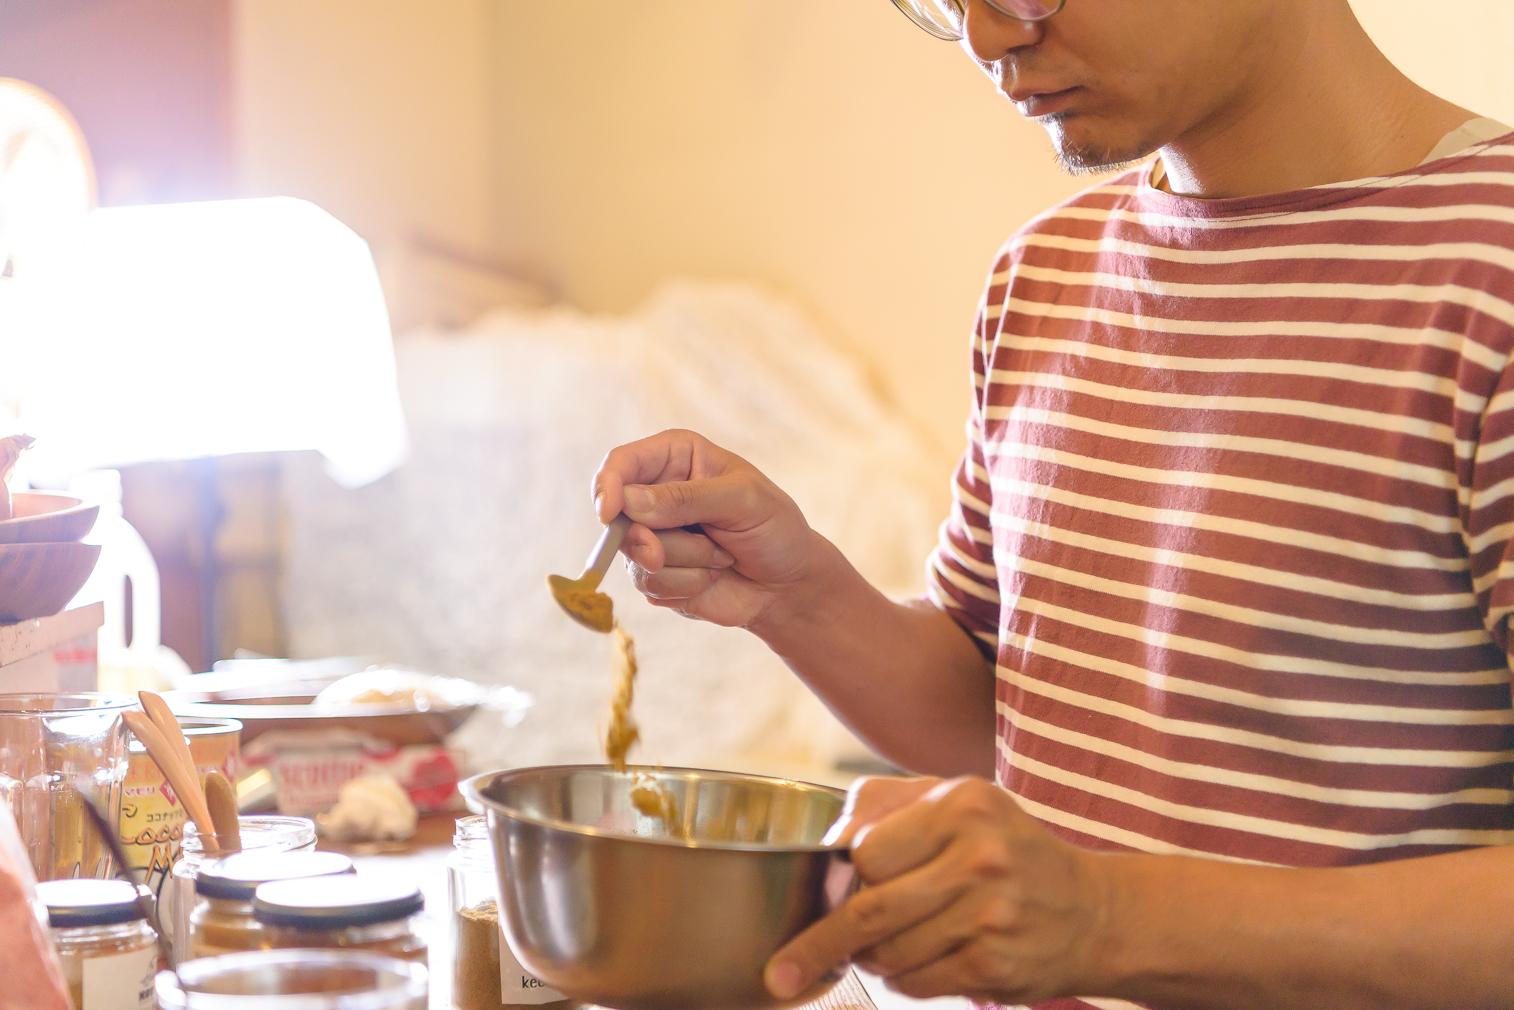 大阪を中心に東京や九州など全国へイベント出店、無農薬玄米カレー、カレースパイス販売などを行うKOV CAFEのイメージ画像9